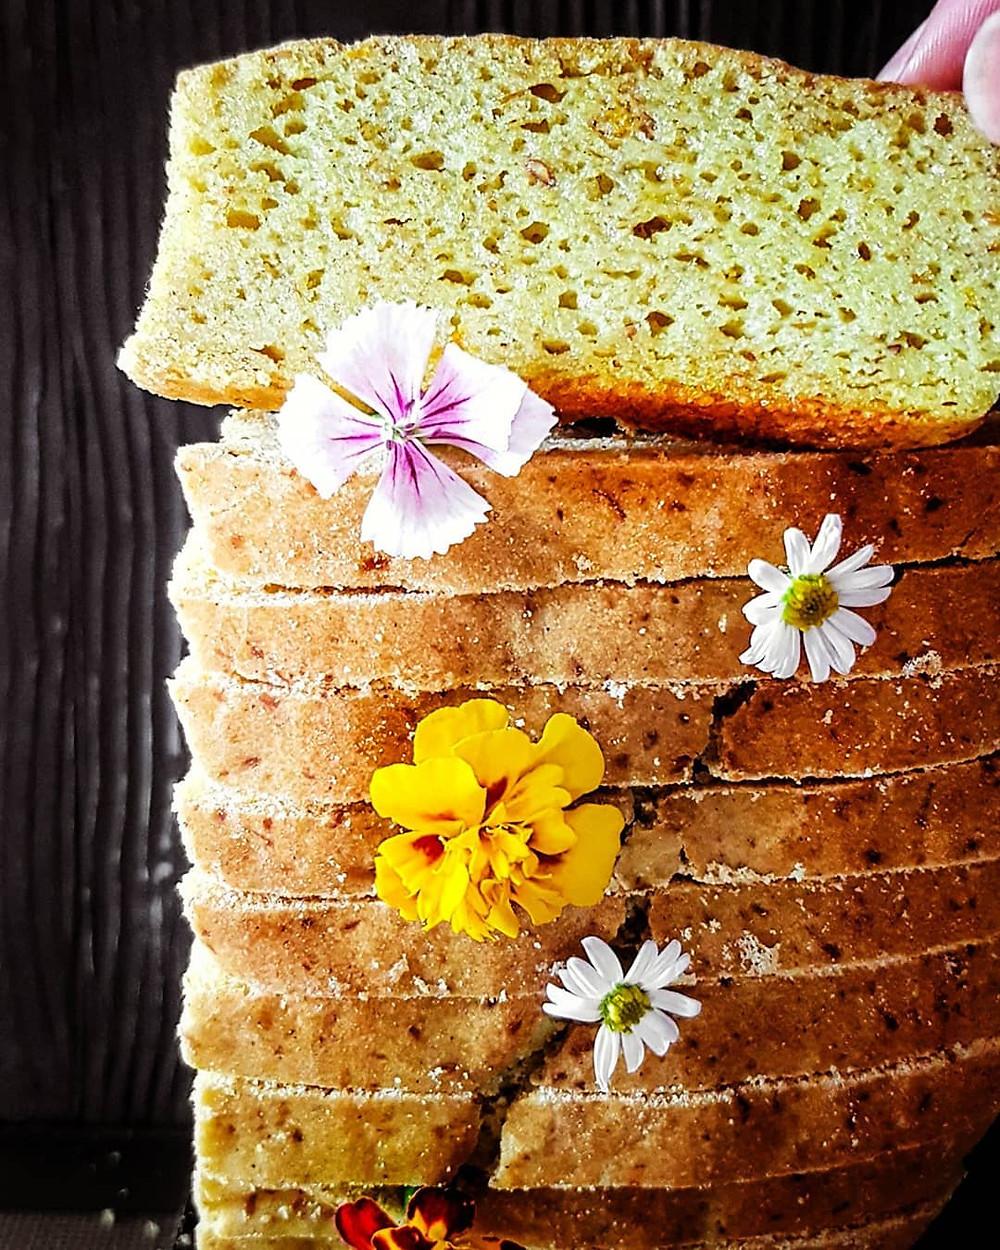 Gluten free and vegan pumpkin bake slices